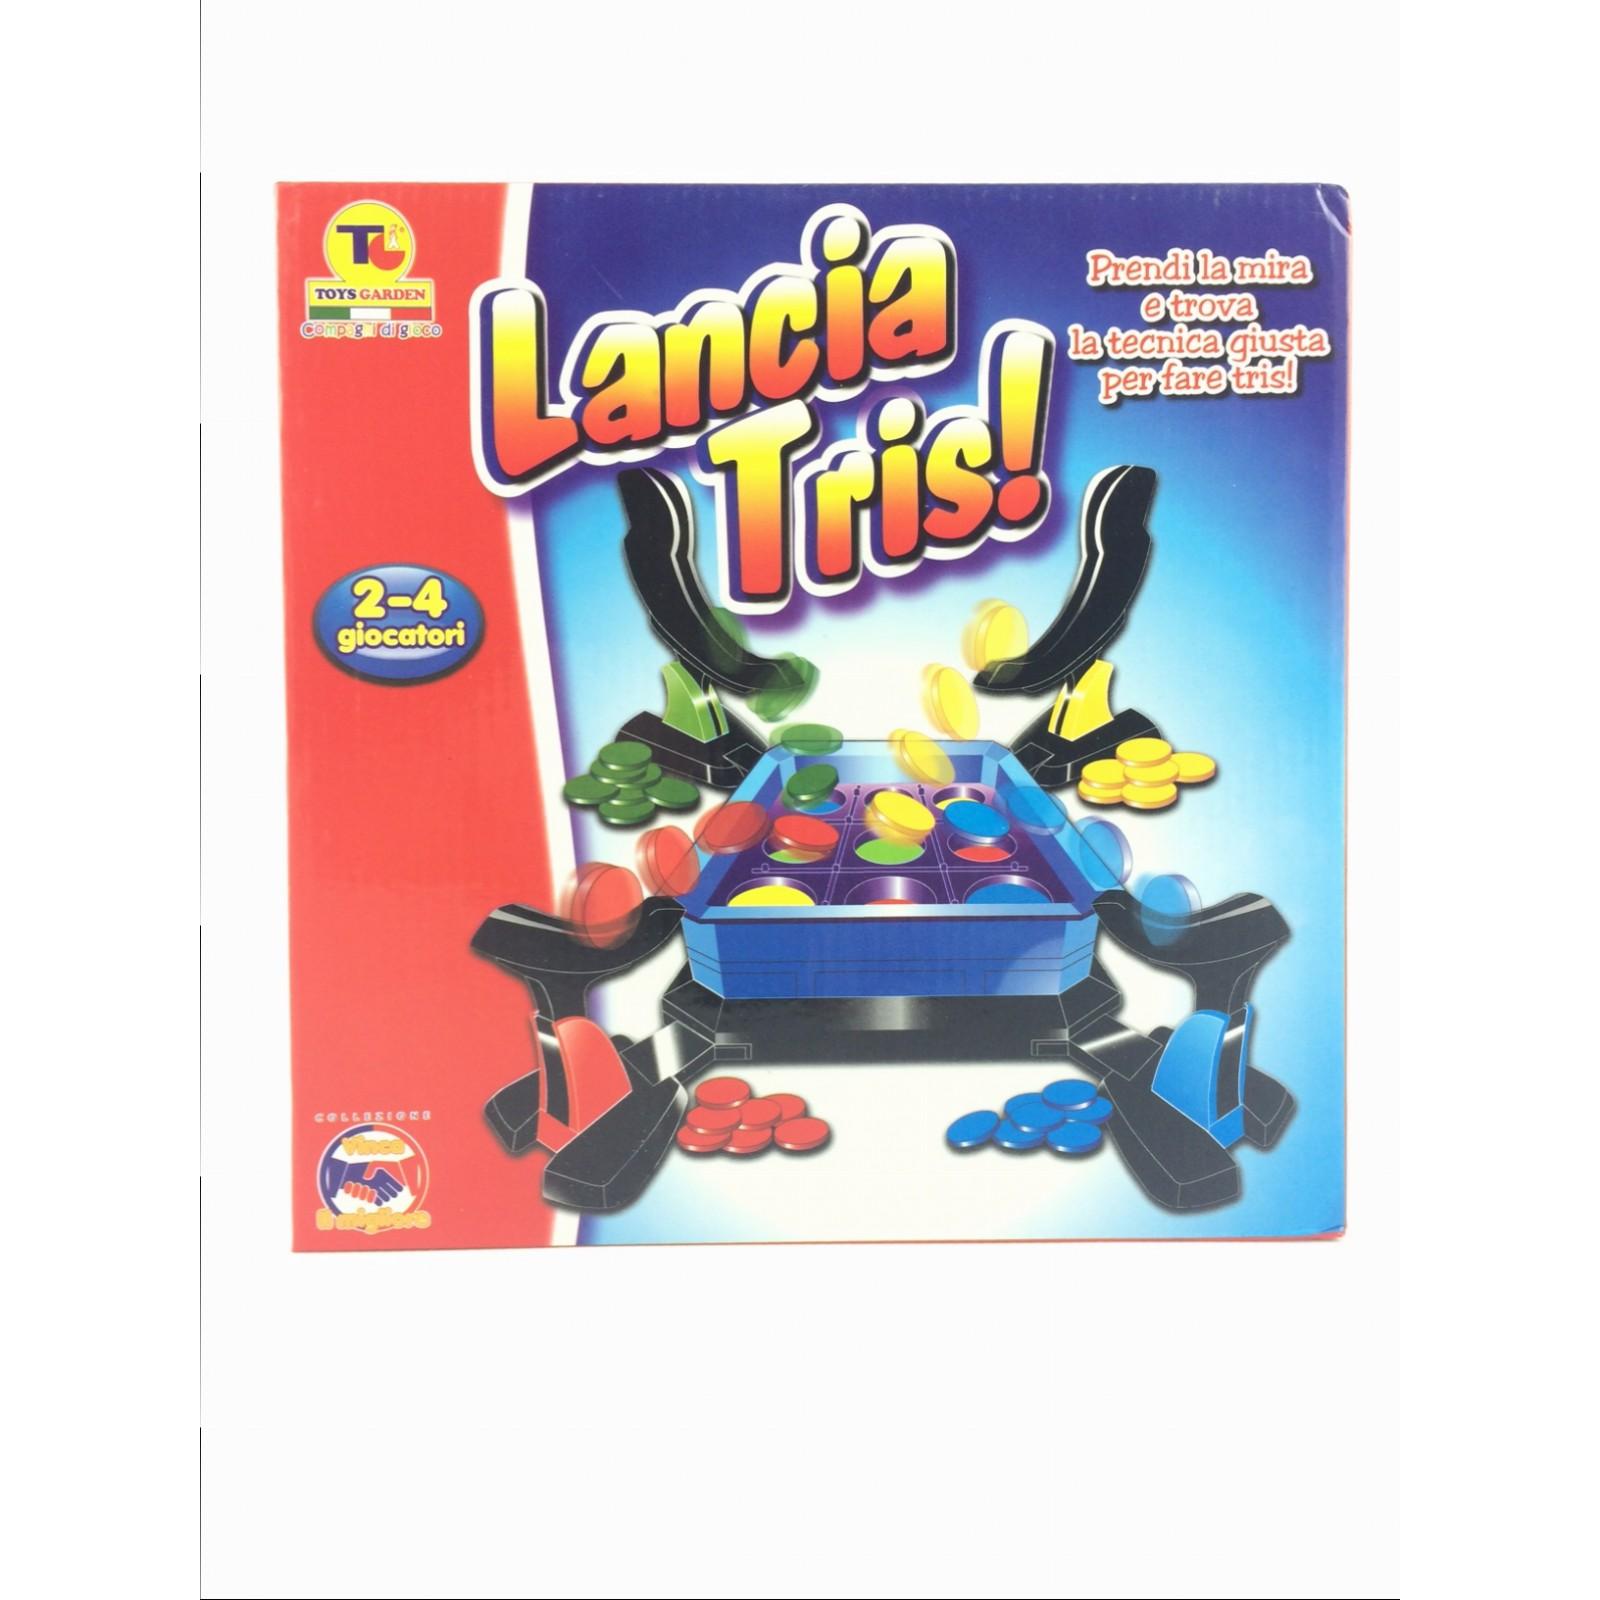 Gioco Da Tavolo Lancia Tris 2 4 Giocatori Toys Garden